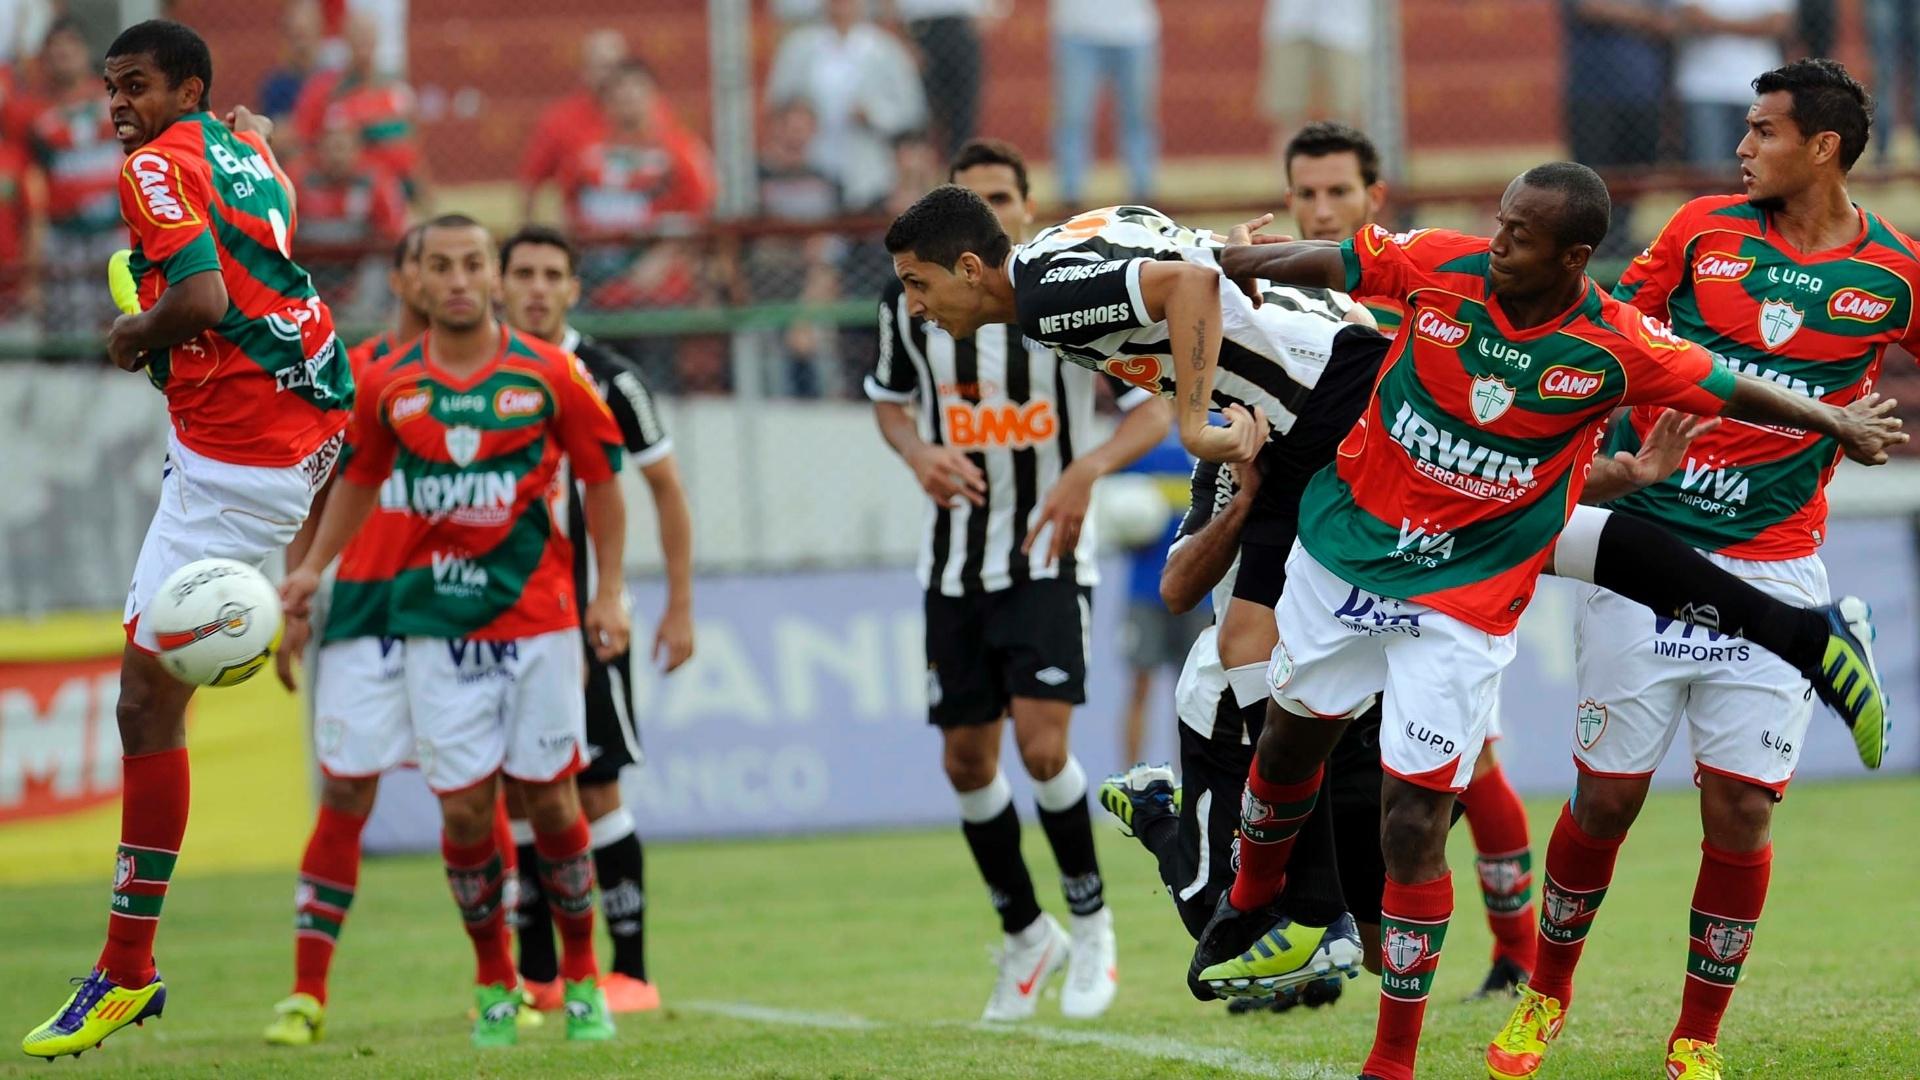 Zagueiro Rafael Caldeira cabeceia para abrir o placar para o Santos contra a Portuguesa